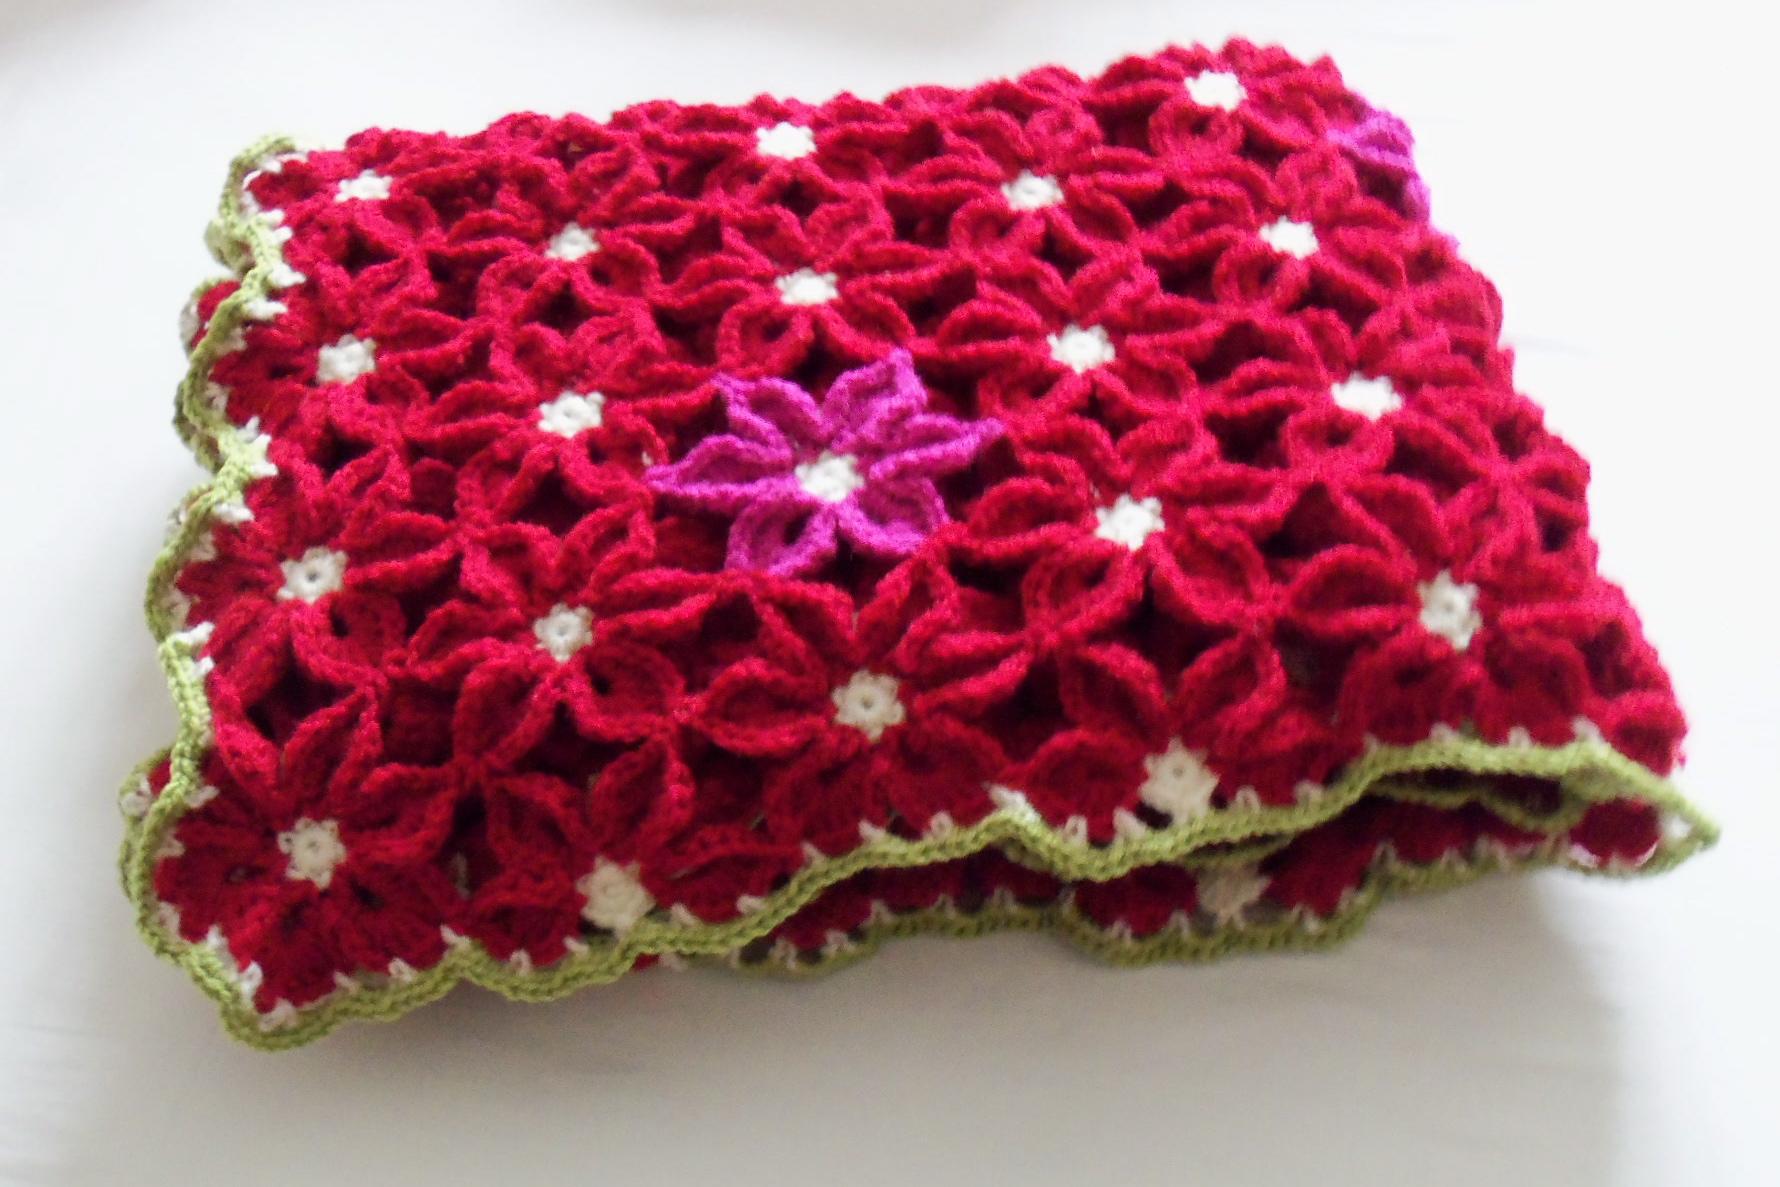 crochet flowers h?kelmonster.com Edie Eckman